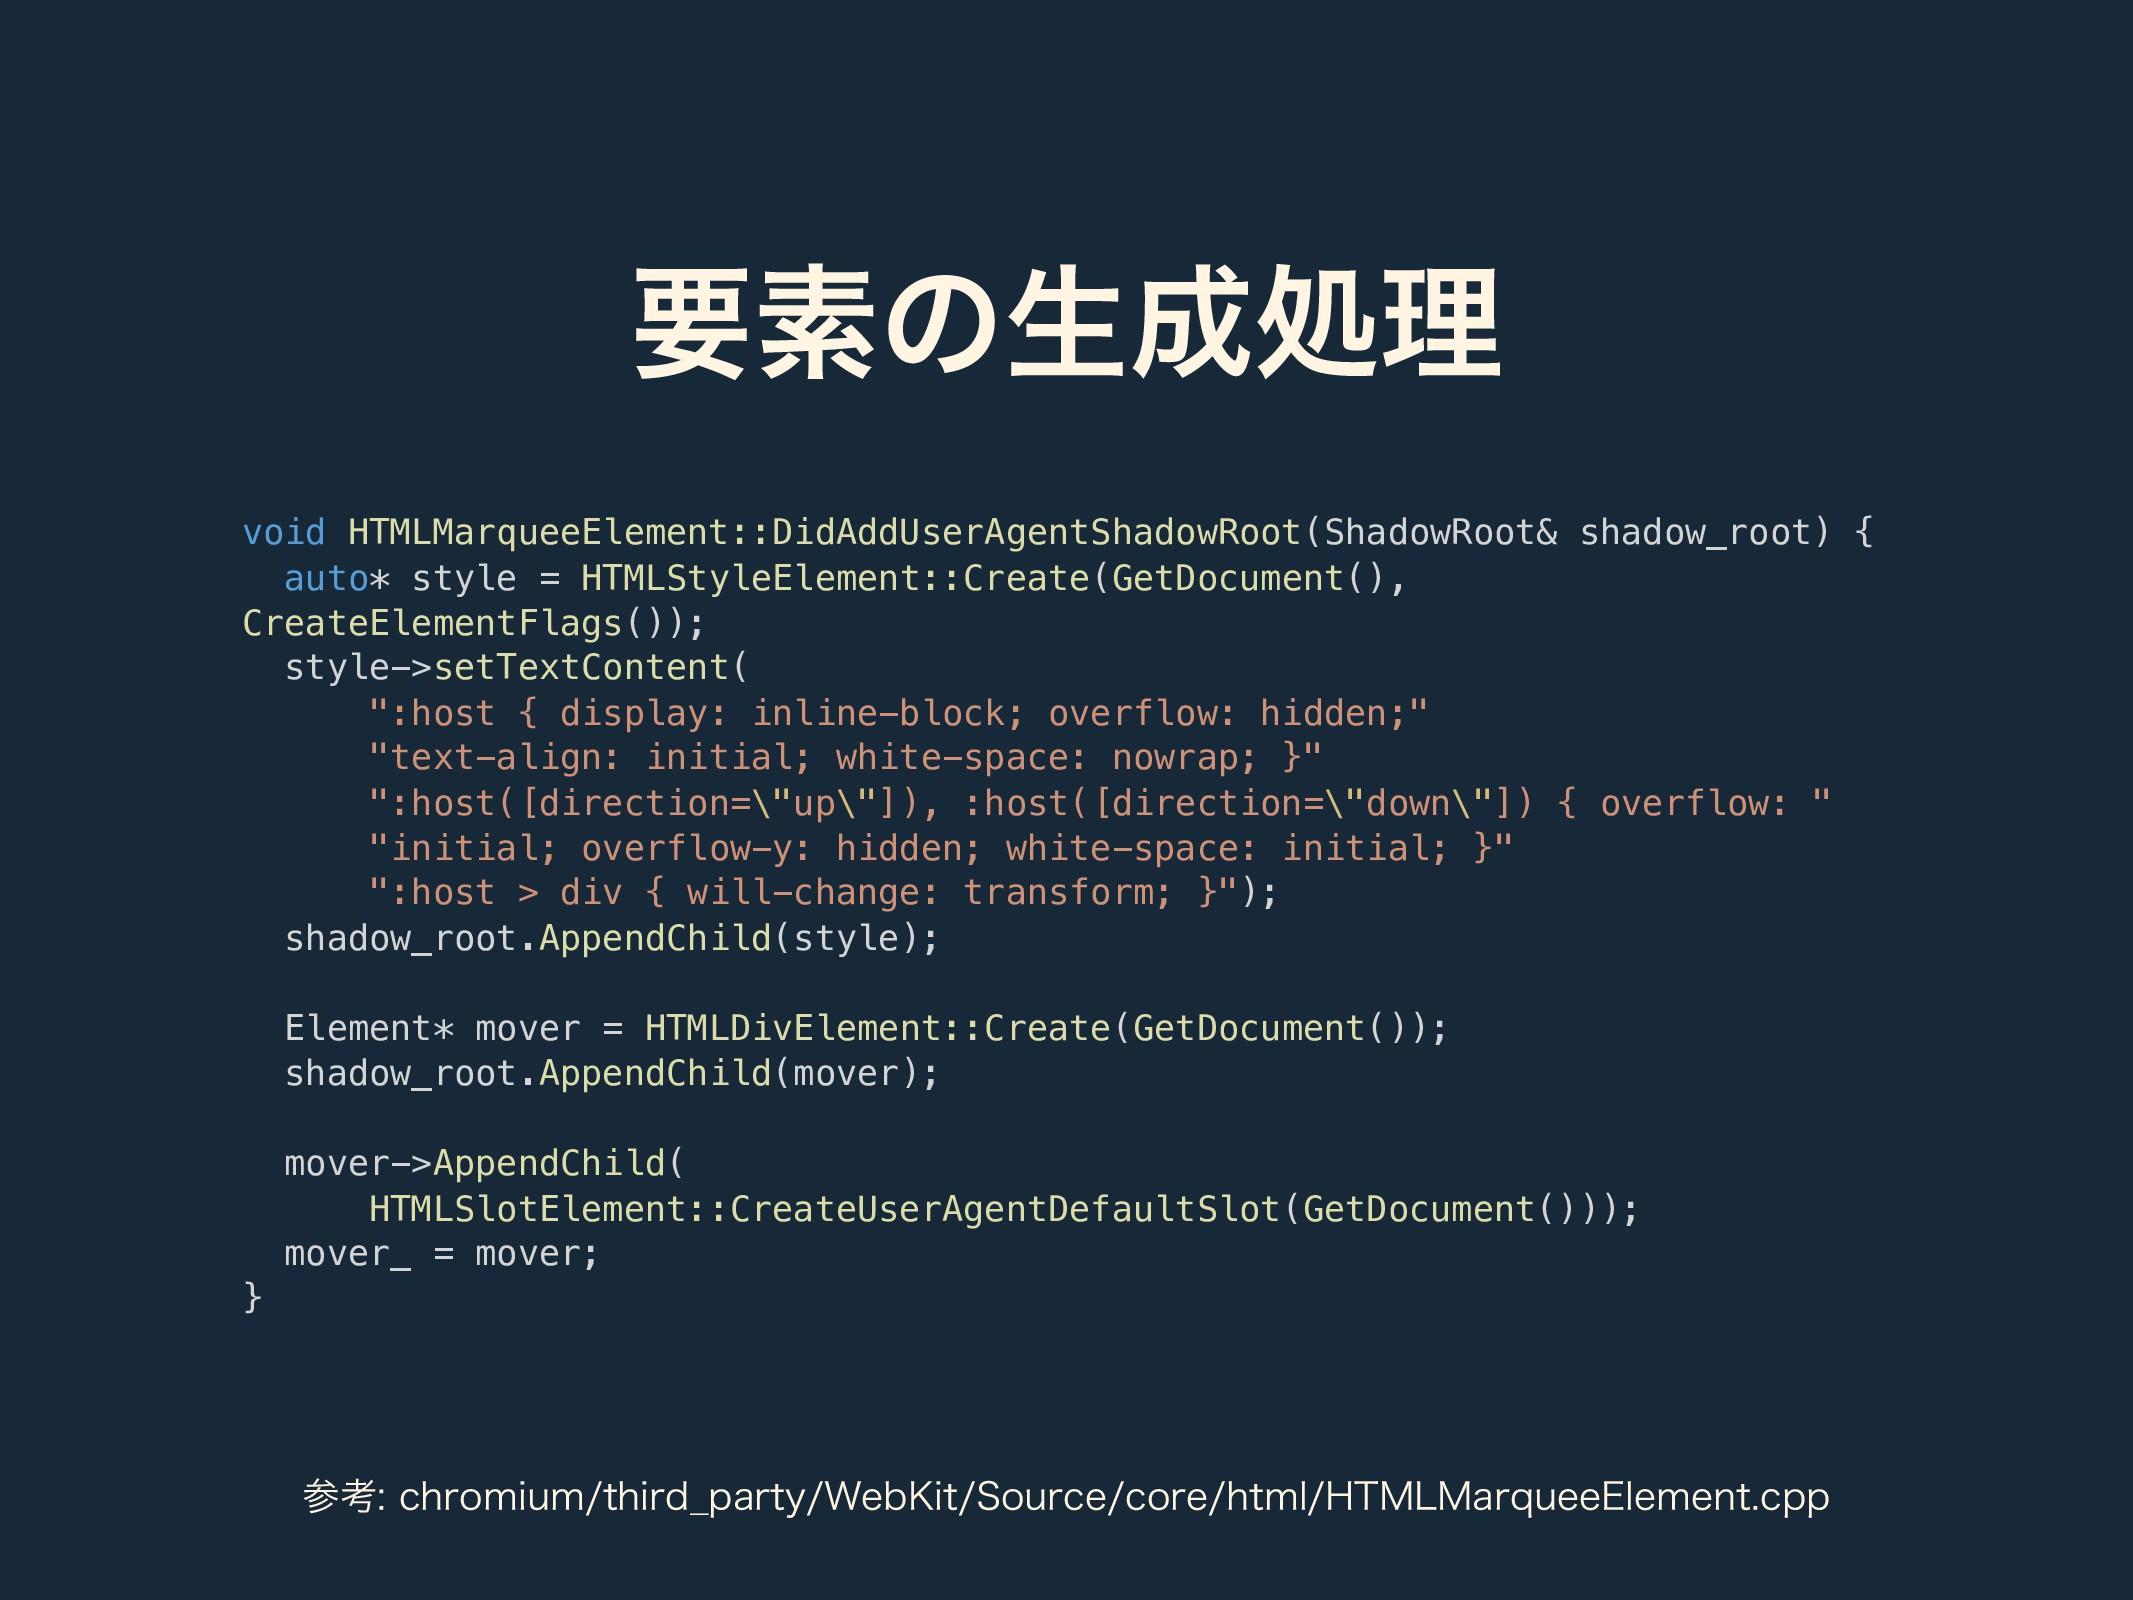 ཁૉͷੜॲཧ void HTMLMarqueeElement::DidAddUserAgen...